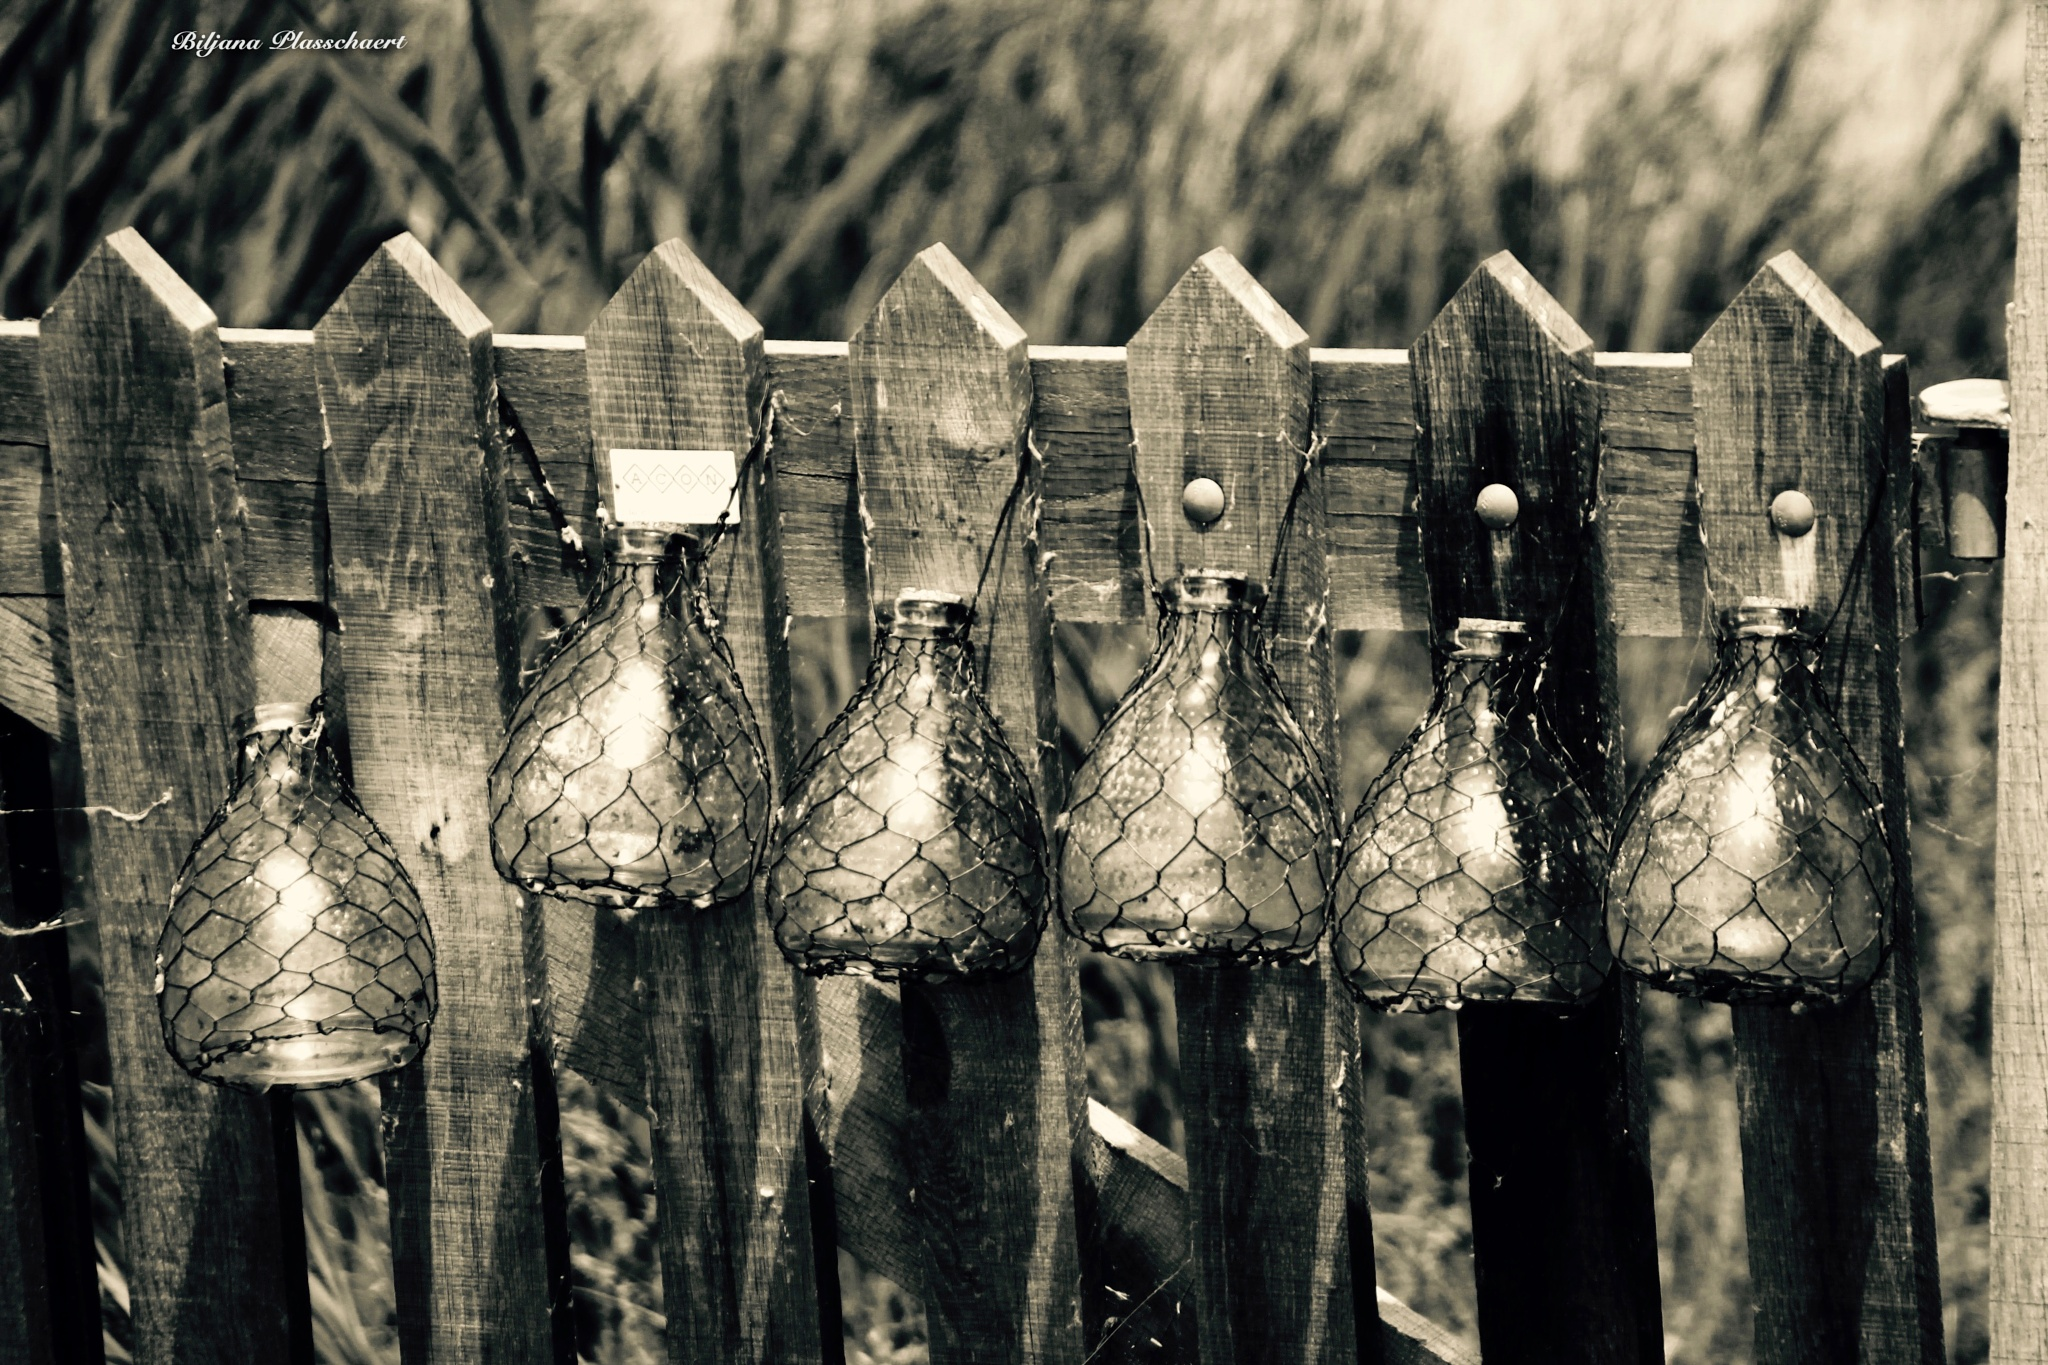 Wasp catchers by biljana.plasschaert